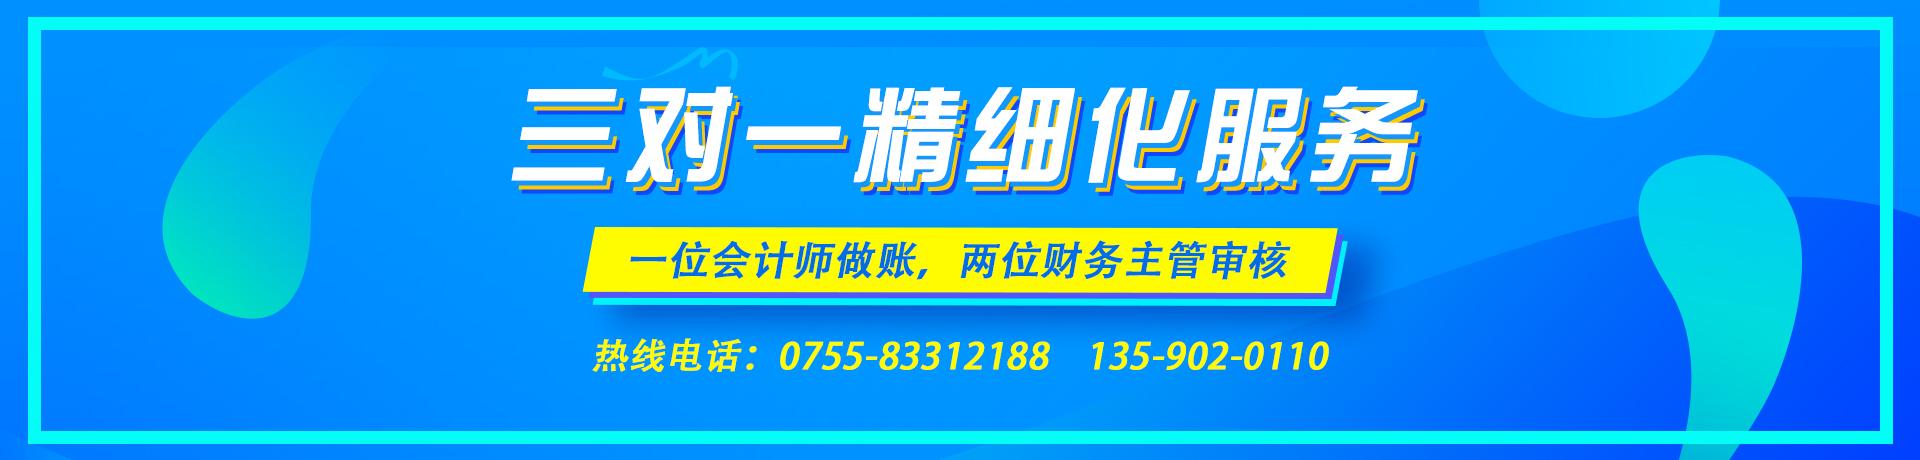 2深圳注册公司当天领证,无地址深圳工商注册